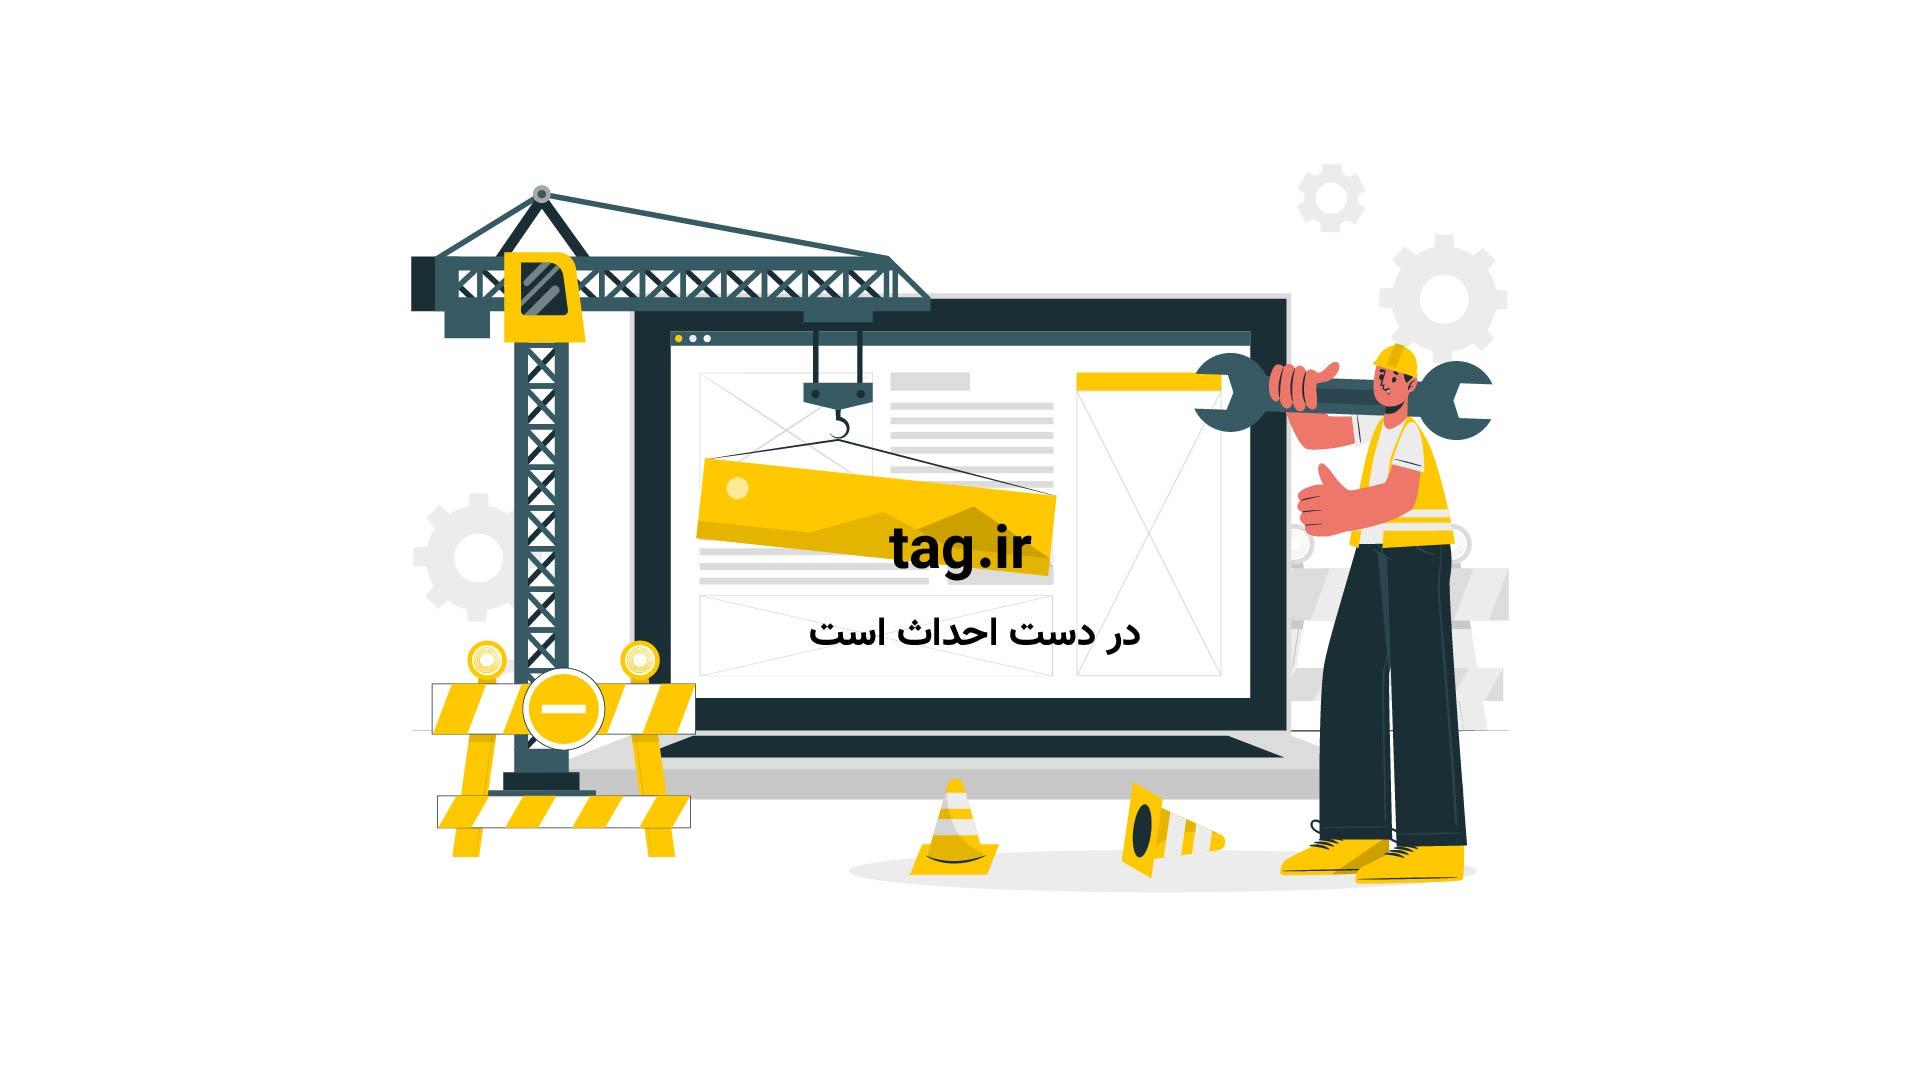 باغ و عمارت رحیم آباد | تگ